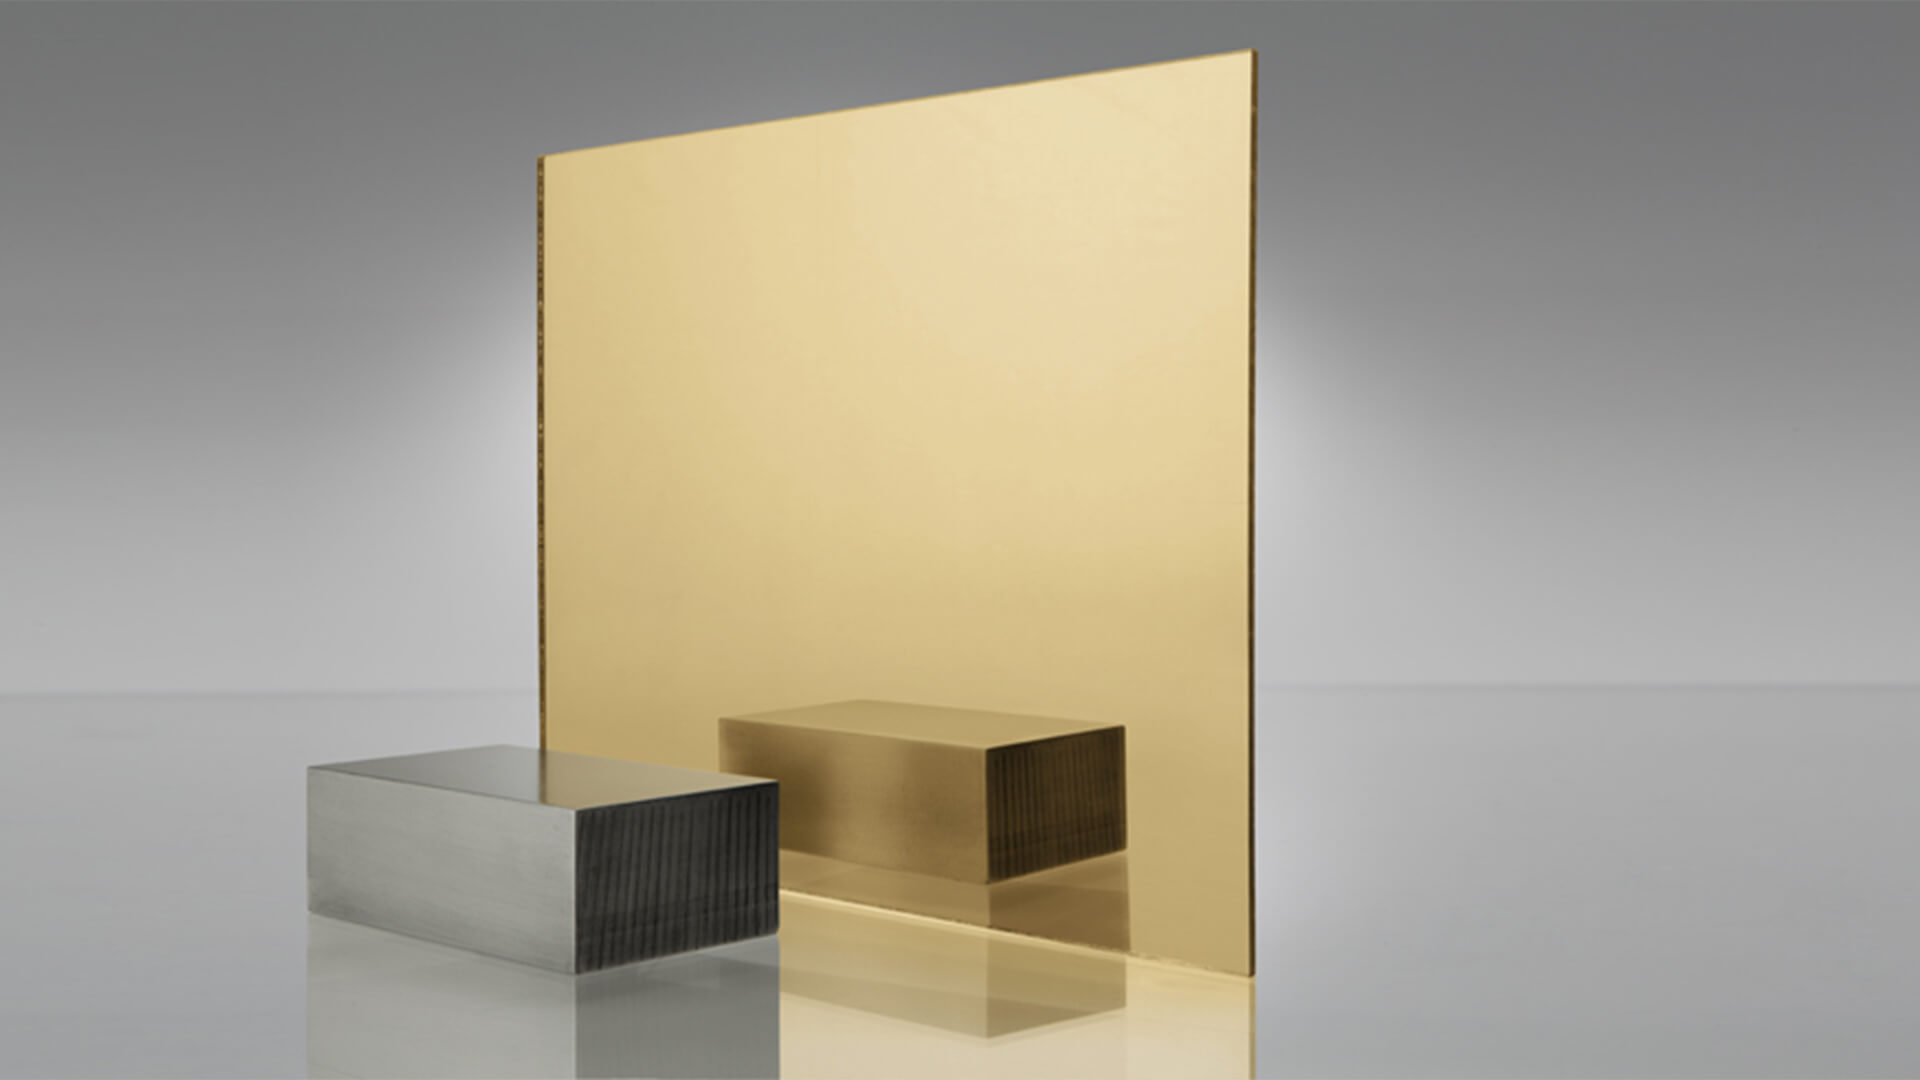 bronz ayna - Bronz Ayna